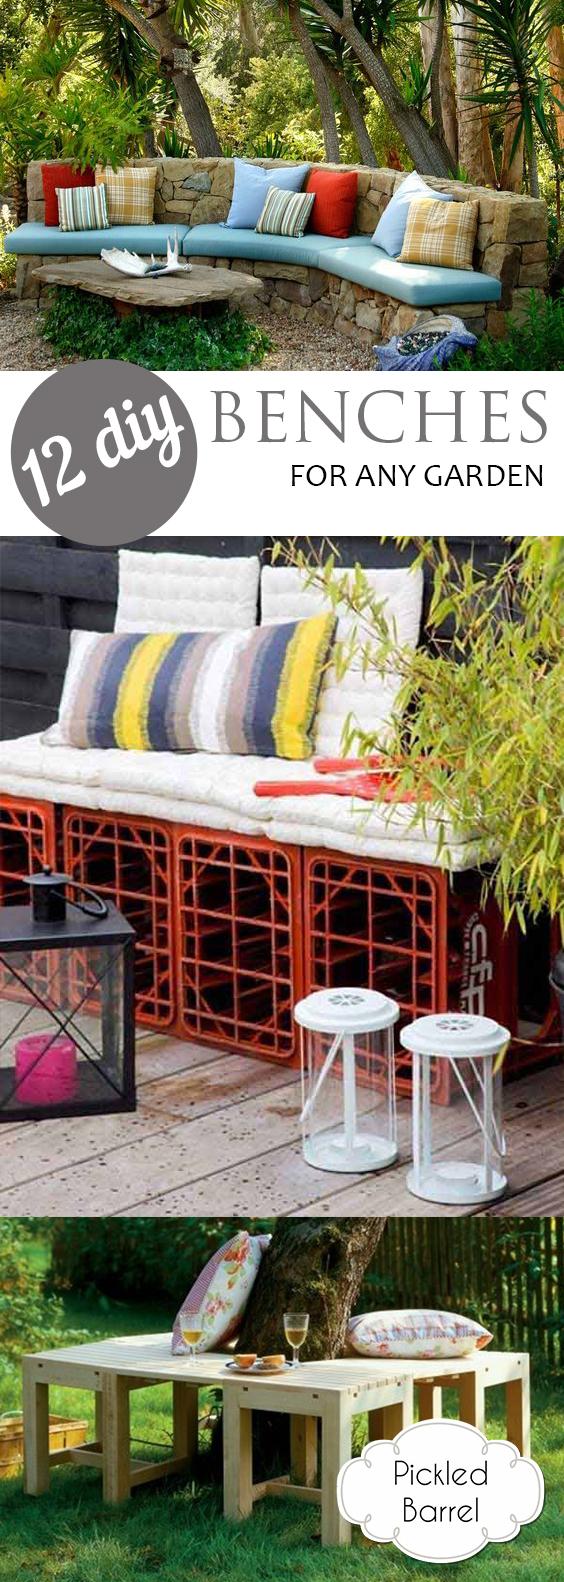 12 DIY Benches for Any Garden| Garden, DIY Garden Benches, Garden Bench Projects, Make your Own Garden Bench, Fast and Easy Ways to Make Your Own Garden Bench, Gardening, Outdoor Projects.